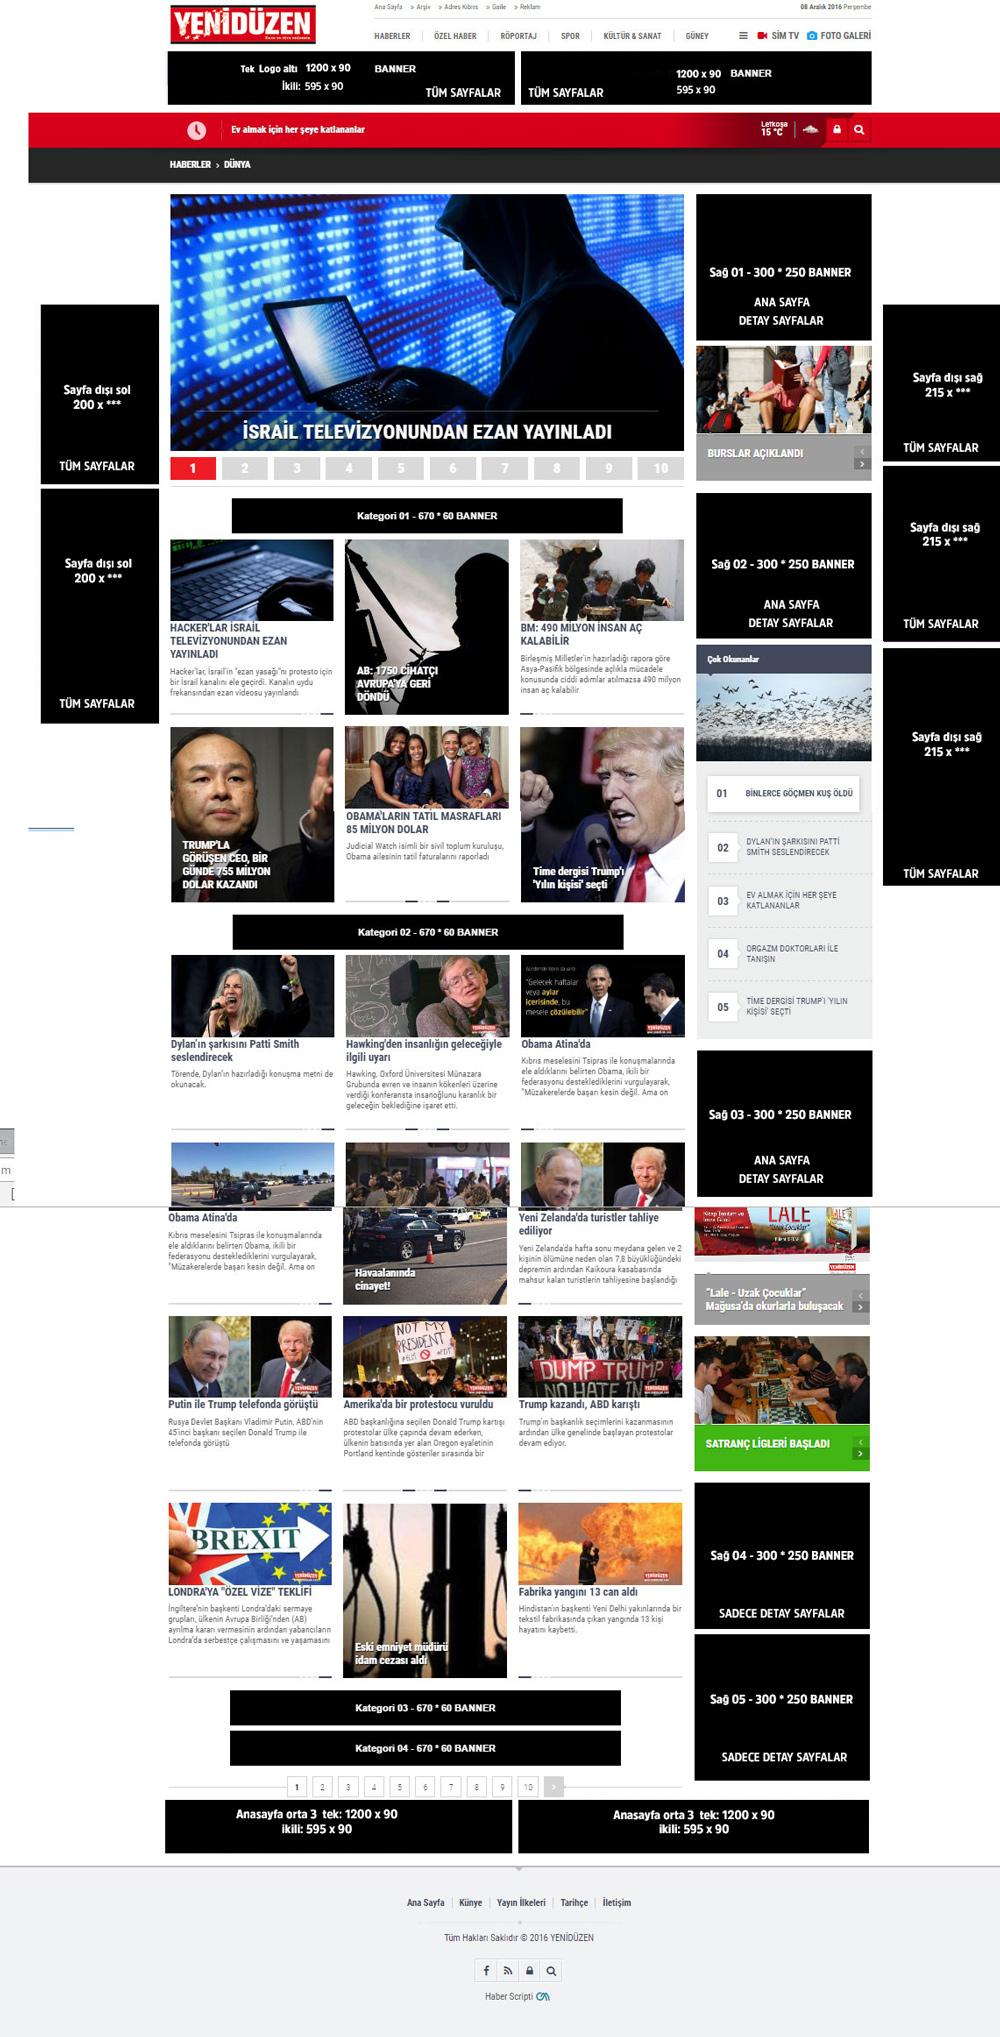 kategori-detay-sayfalar-reklam-alanlari.jpg